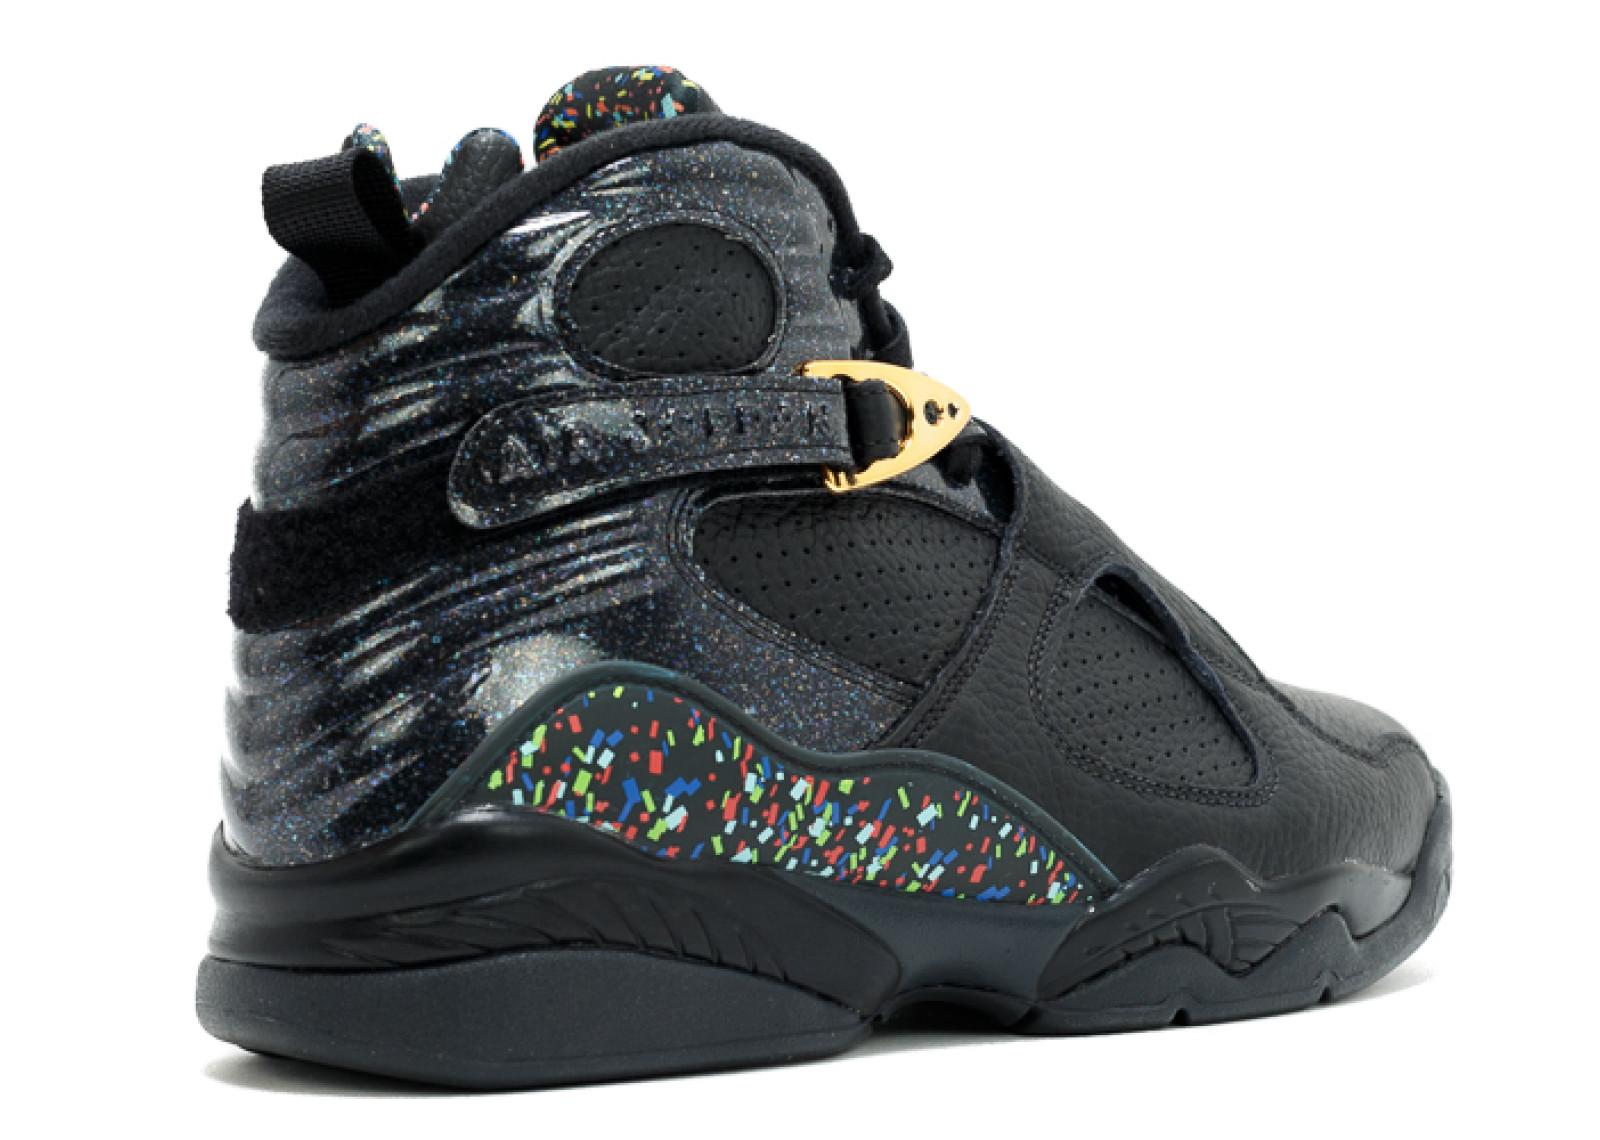 Air Jordan 8 Retro C&C 'Confetti' - 832821-004 - Size 13 - tha4R